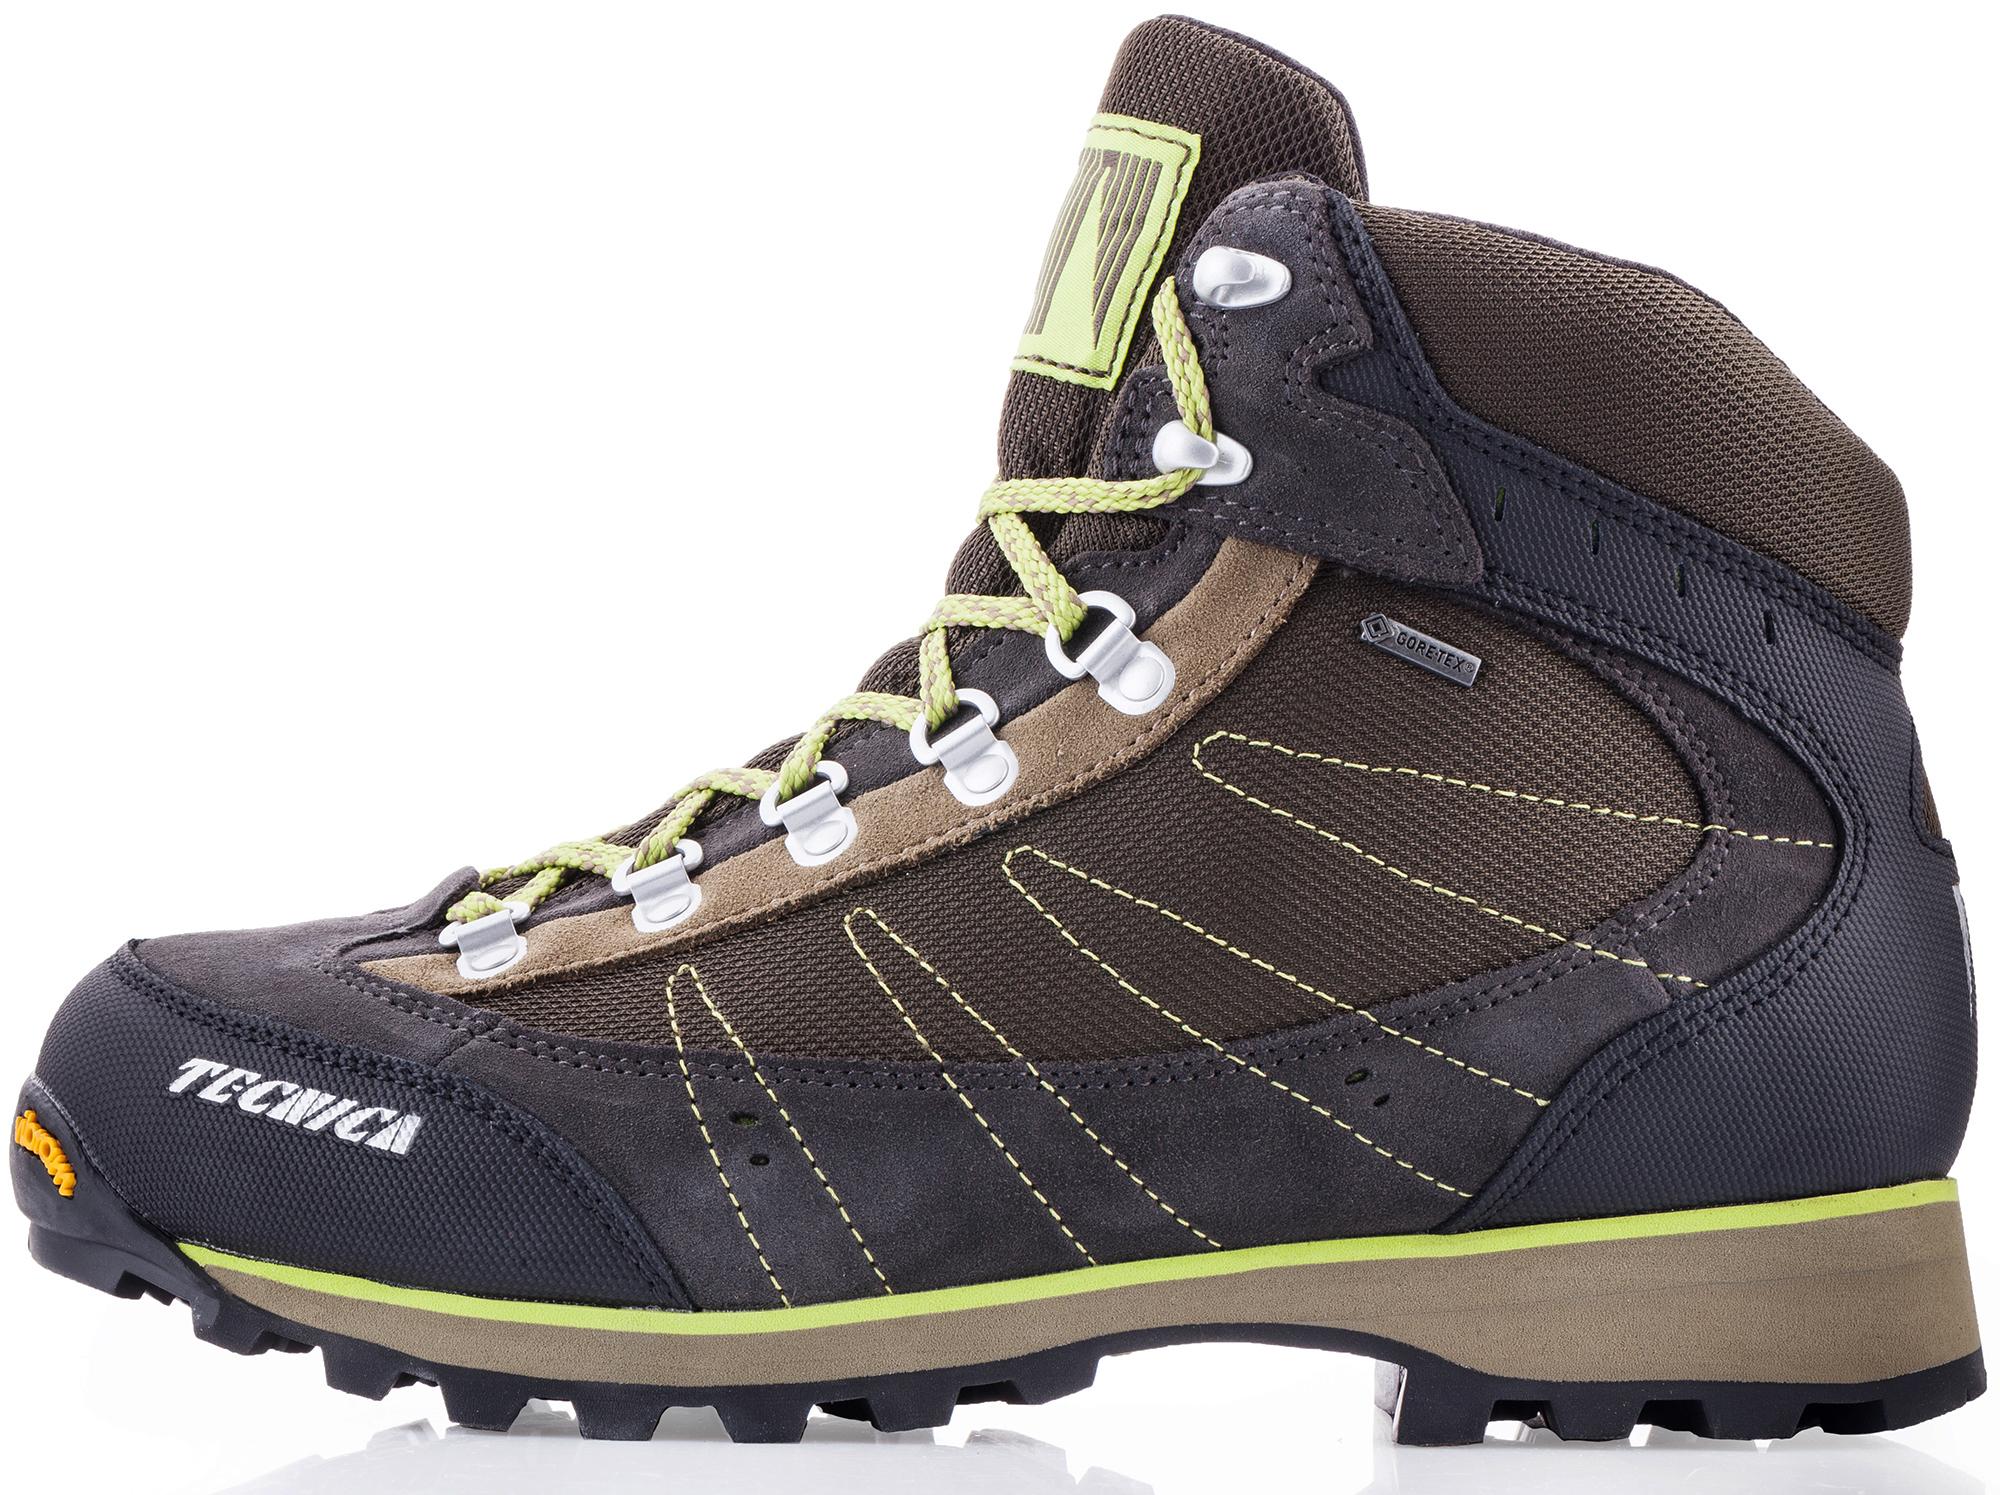 Tecnica Ботинки мужские Tecnica Makalu III GTX ботинки meindl meindl ohio 2 gtx® женские